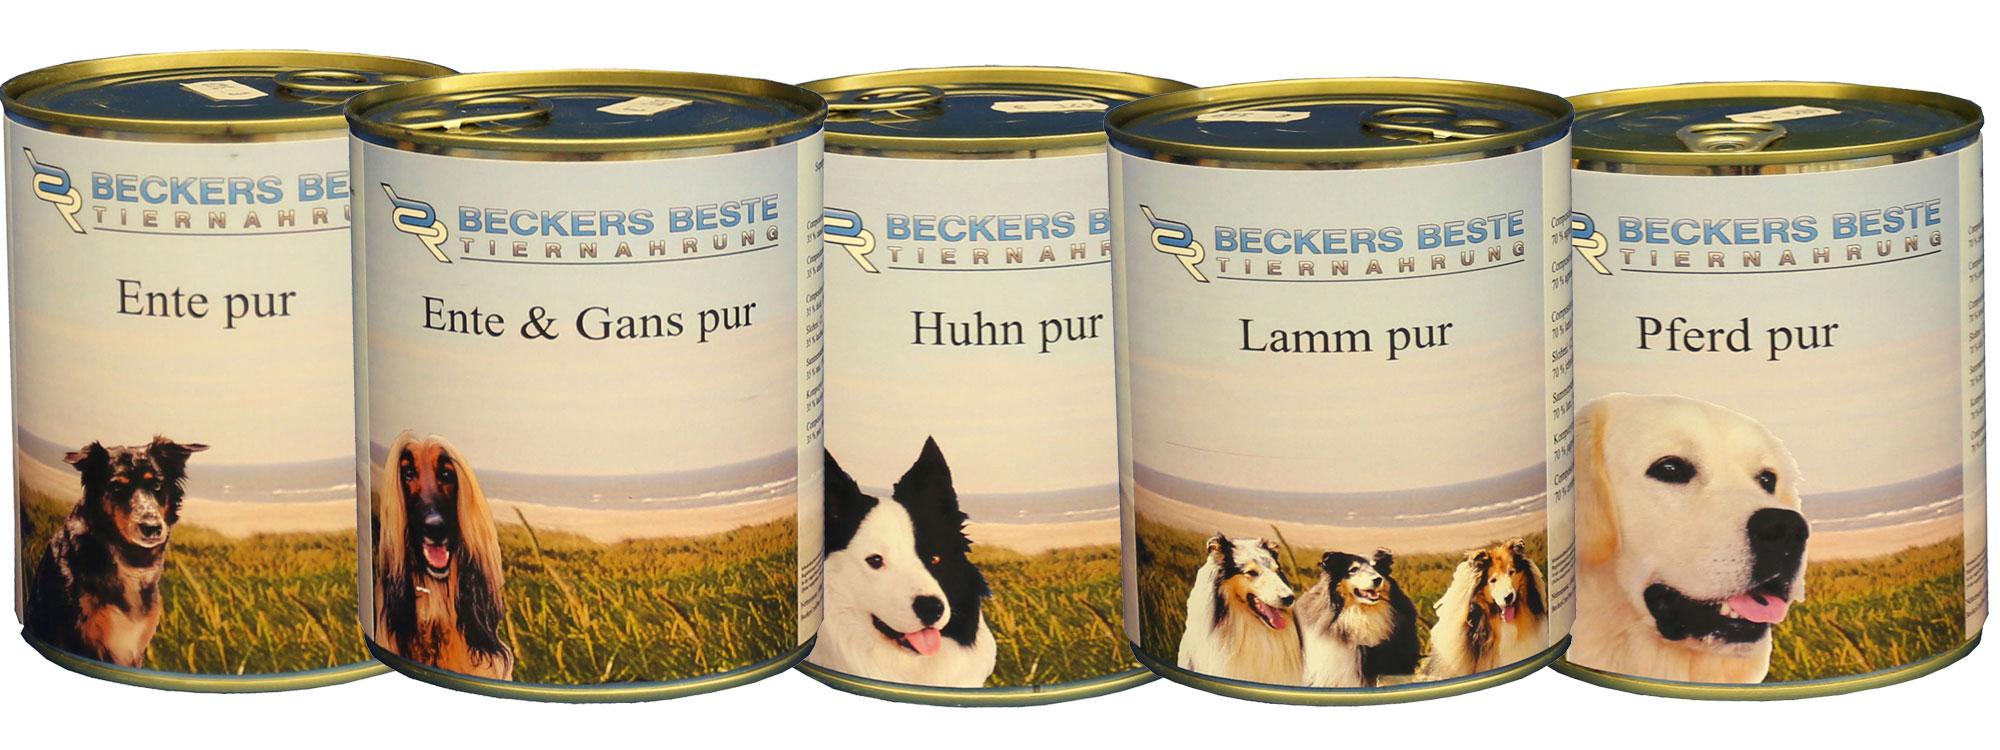 Beckers Beste Tiernahrung 10 x 800g Nassfutter Set